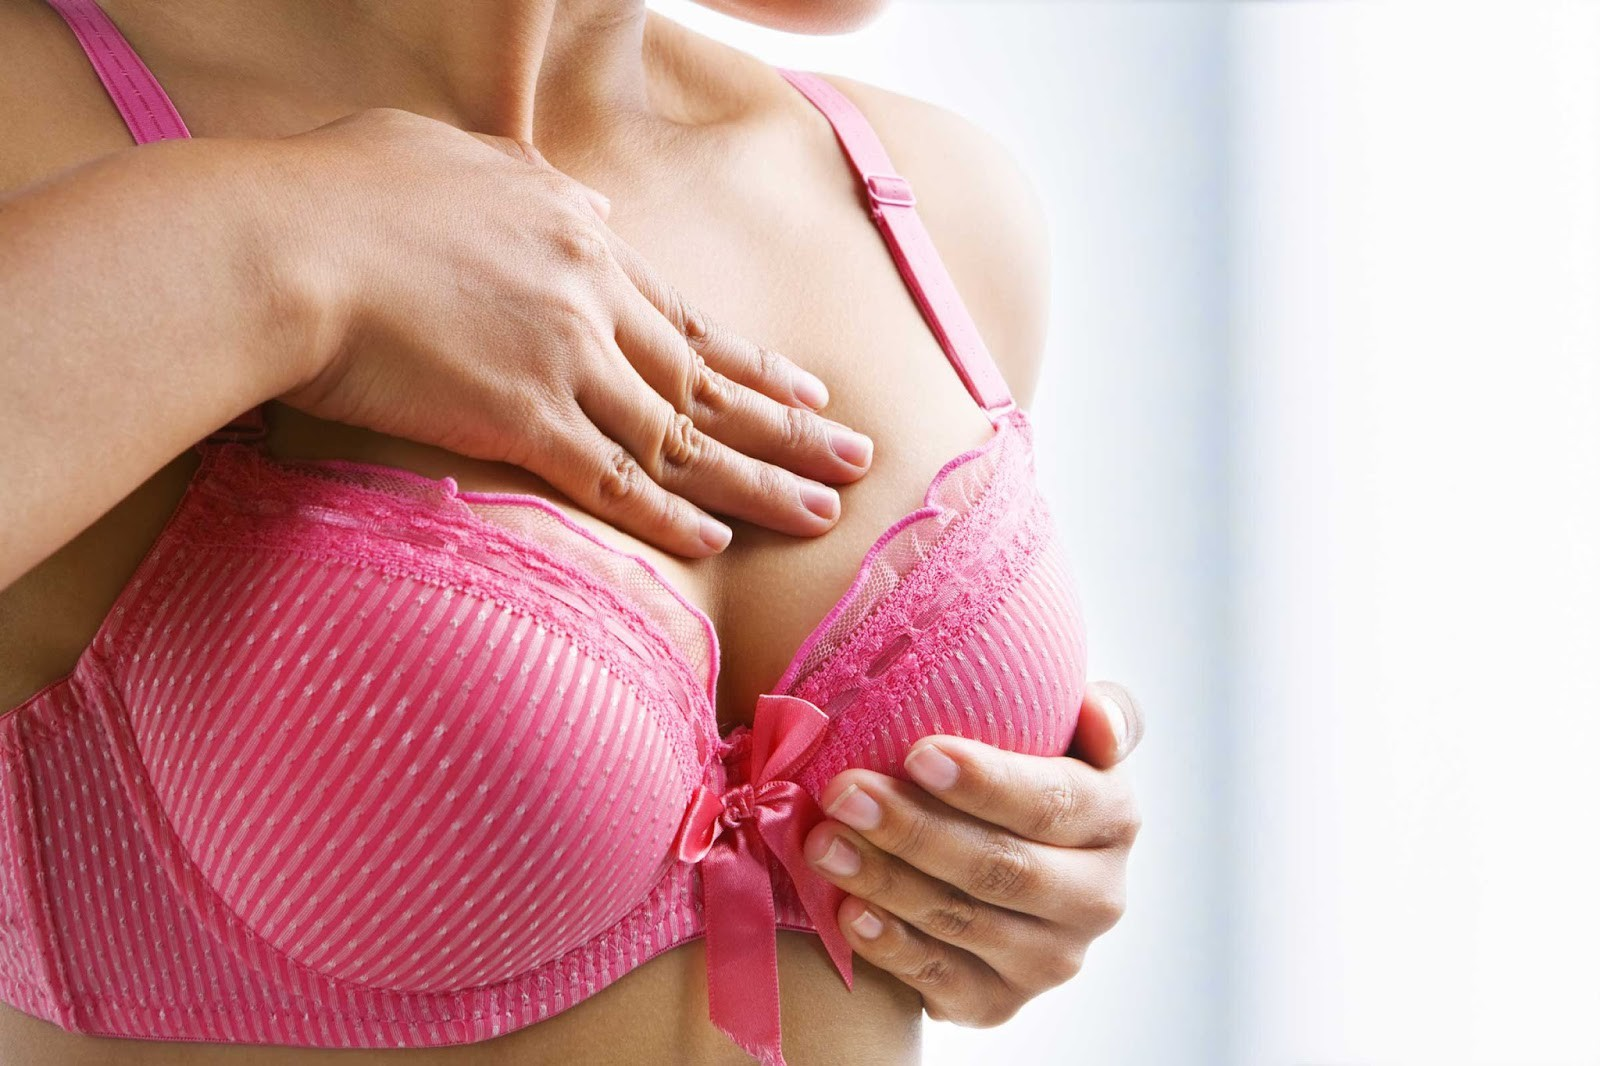 Thấy ngực bị ngứa nhưng chủ quan bỏ qua để rồi hối hận vì không đi khám kịp thời - Ảnh 3